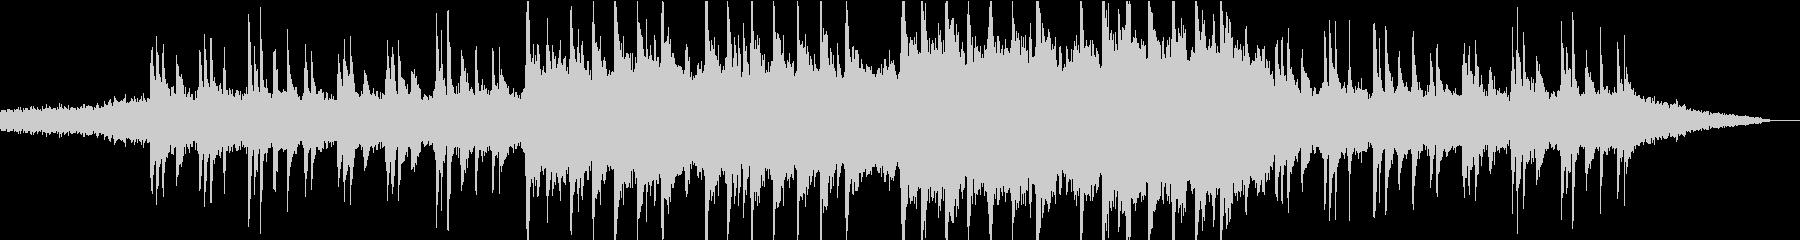 現代的 交響曲 アンビエント 透明...の未再生の波形